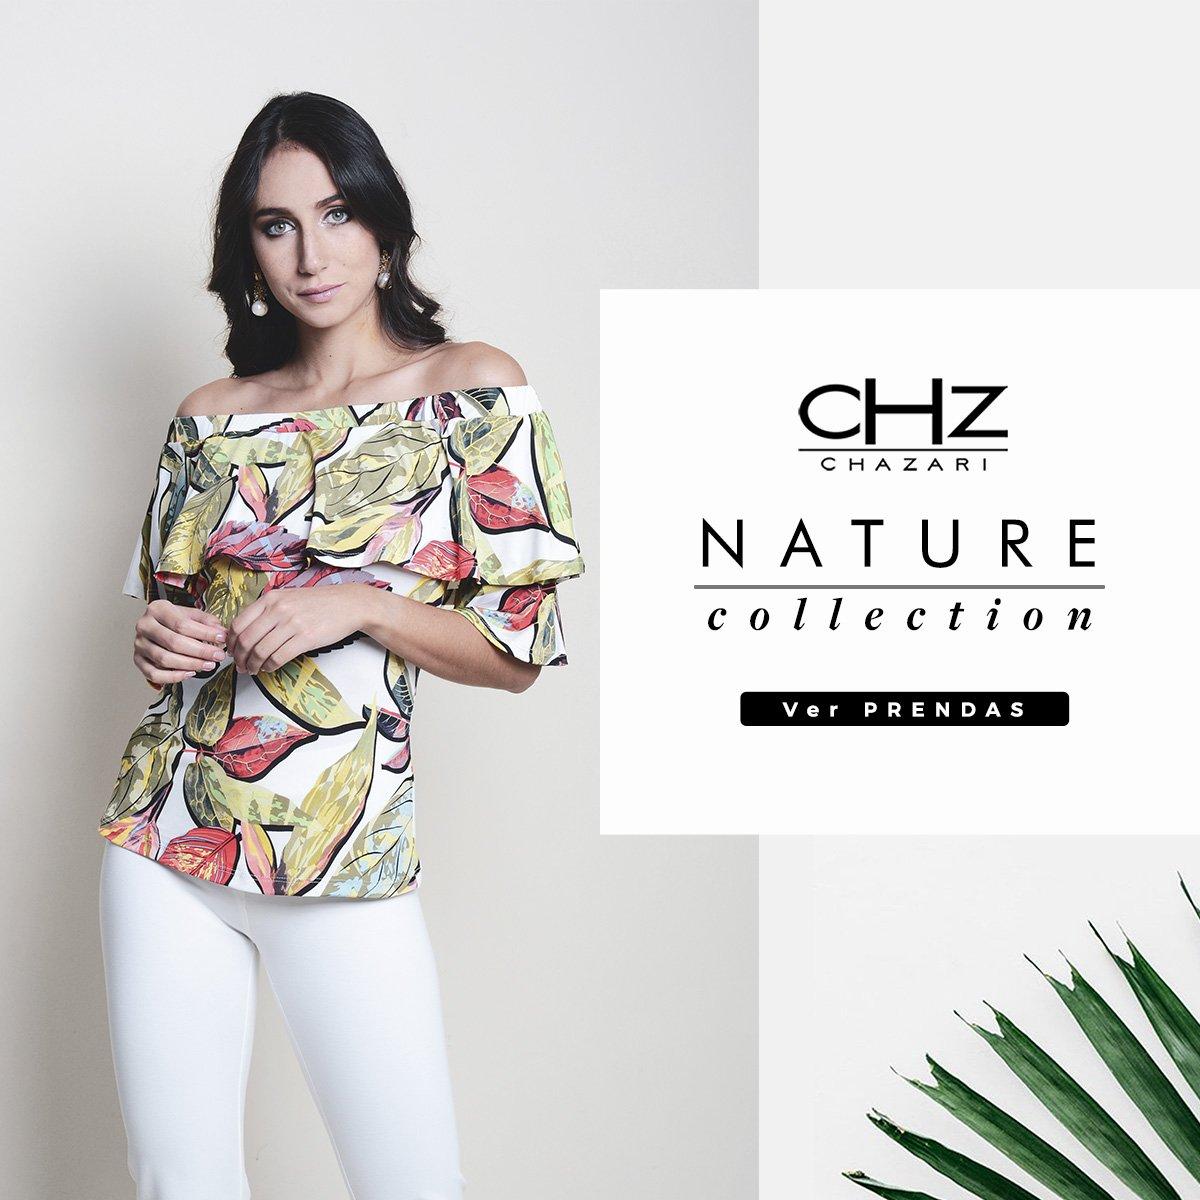 Chazari Ropa Exclusiva Y Elegante Para Mujer Tienda Online